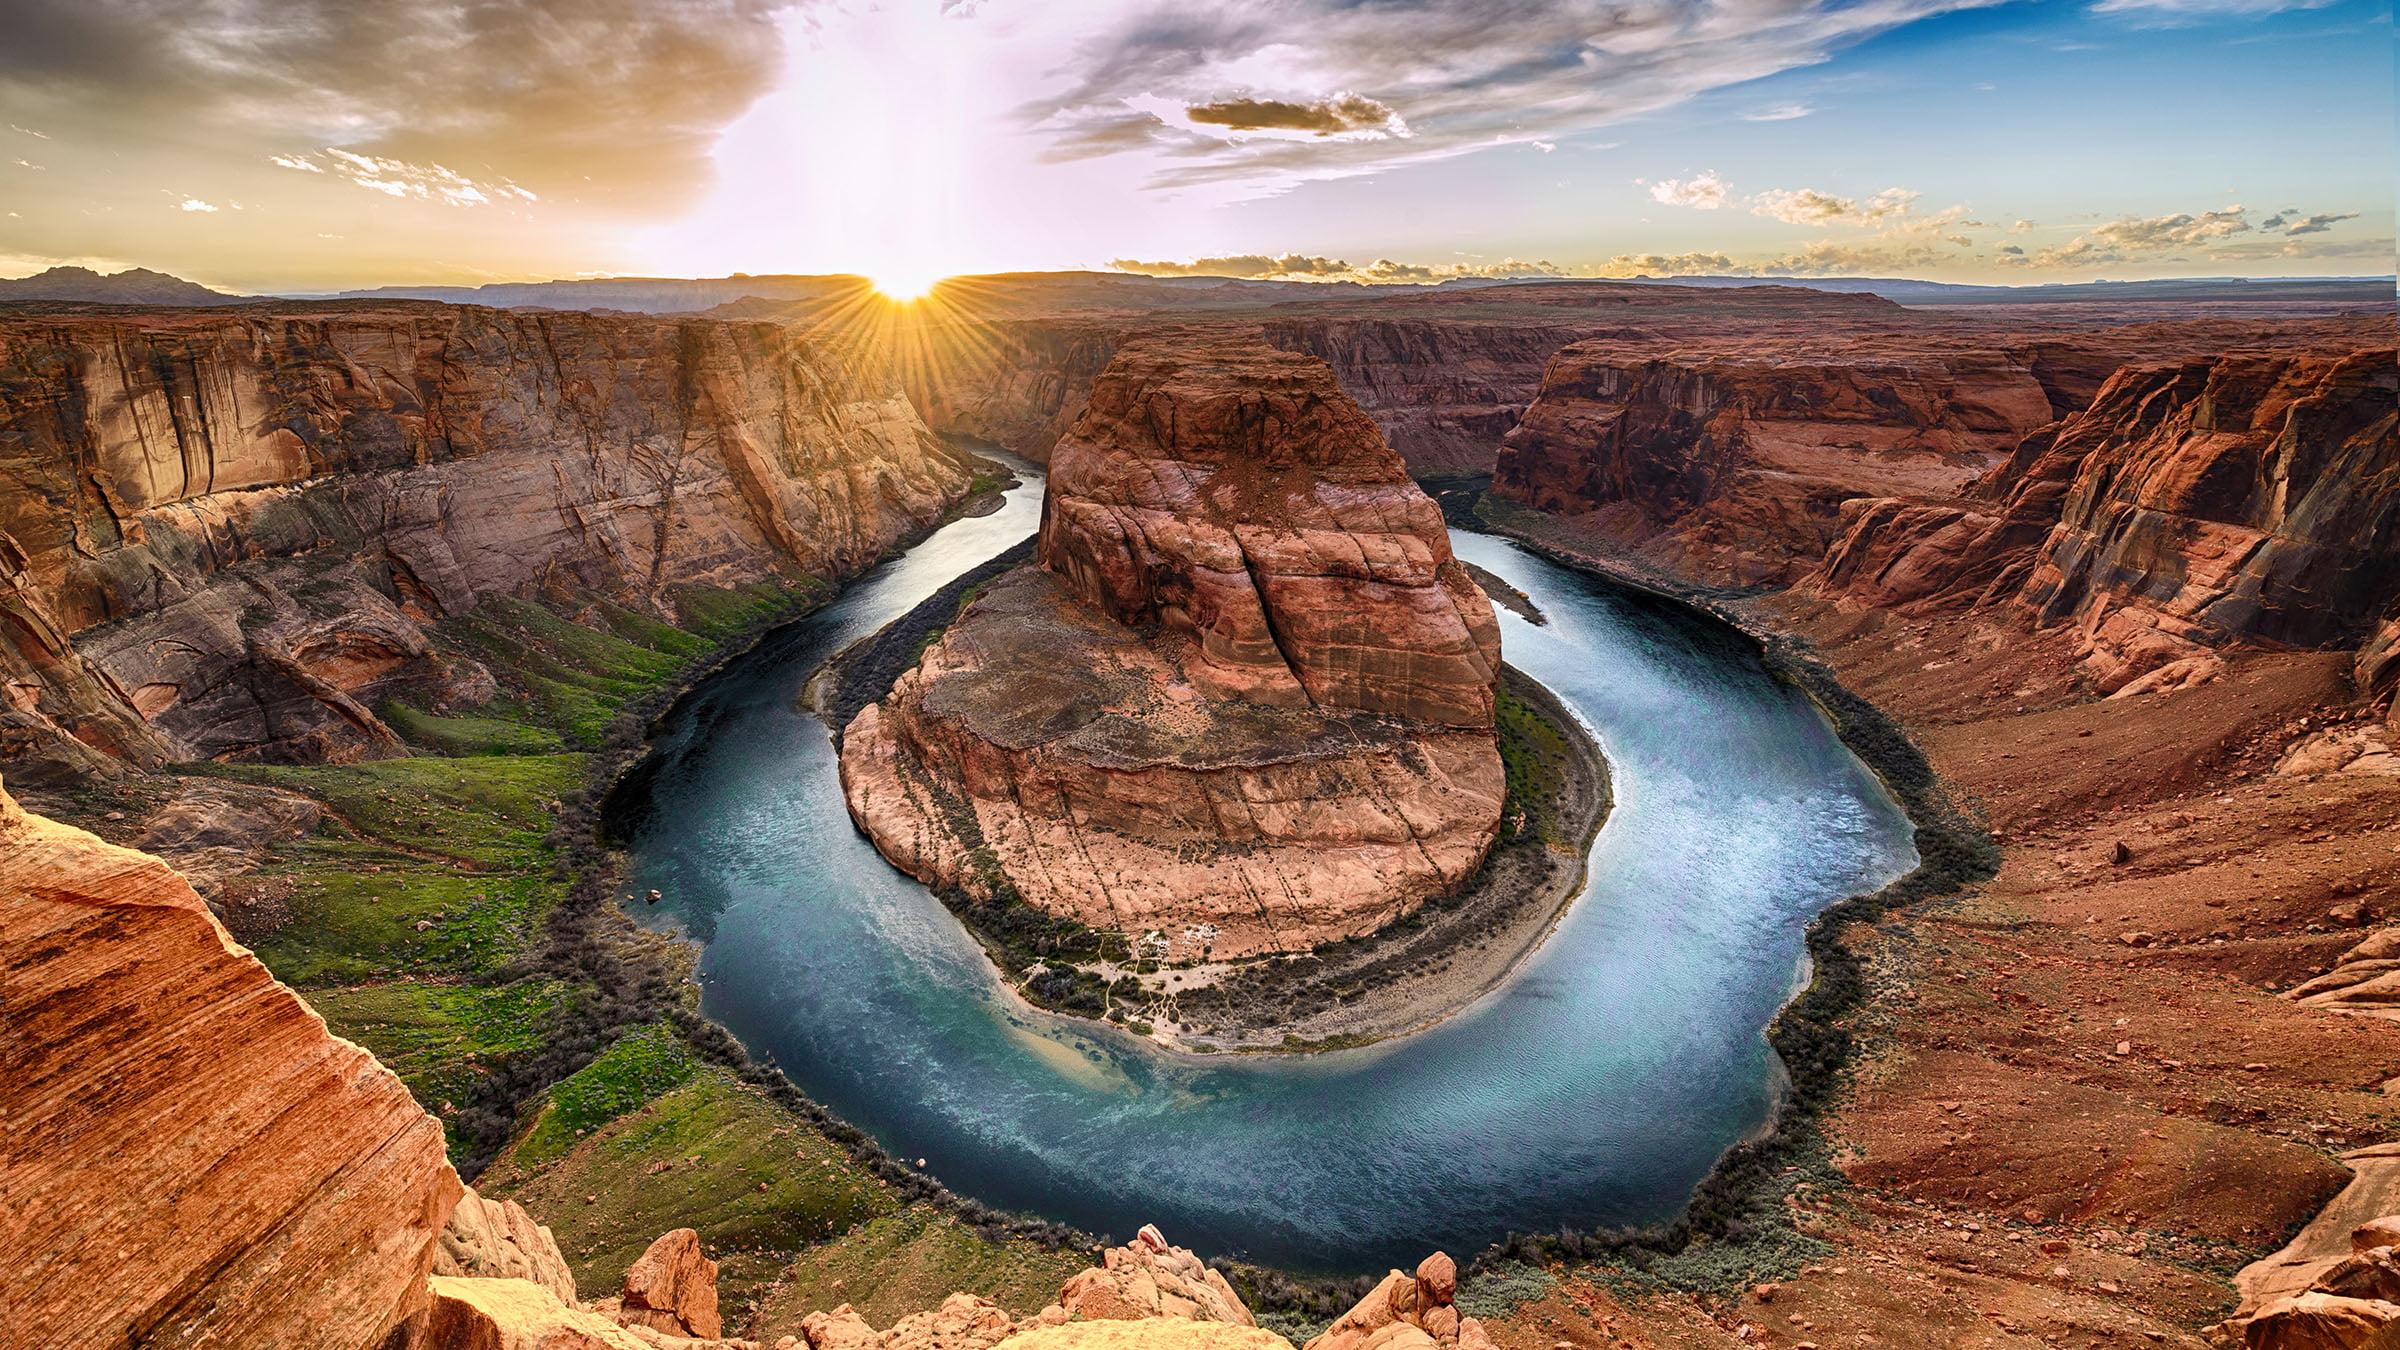 Foto del Rio Colorado, El Gran Cañon de Colorado